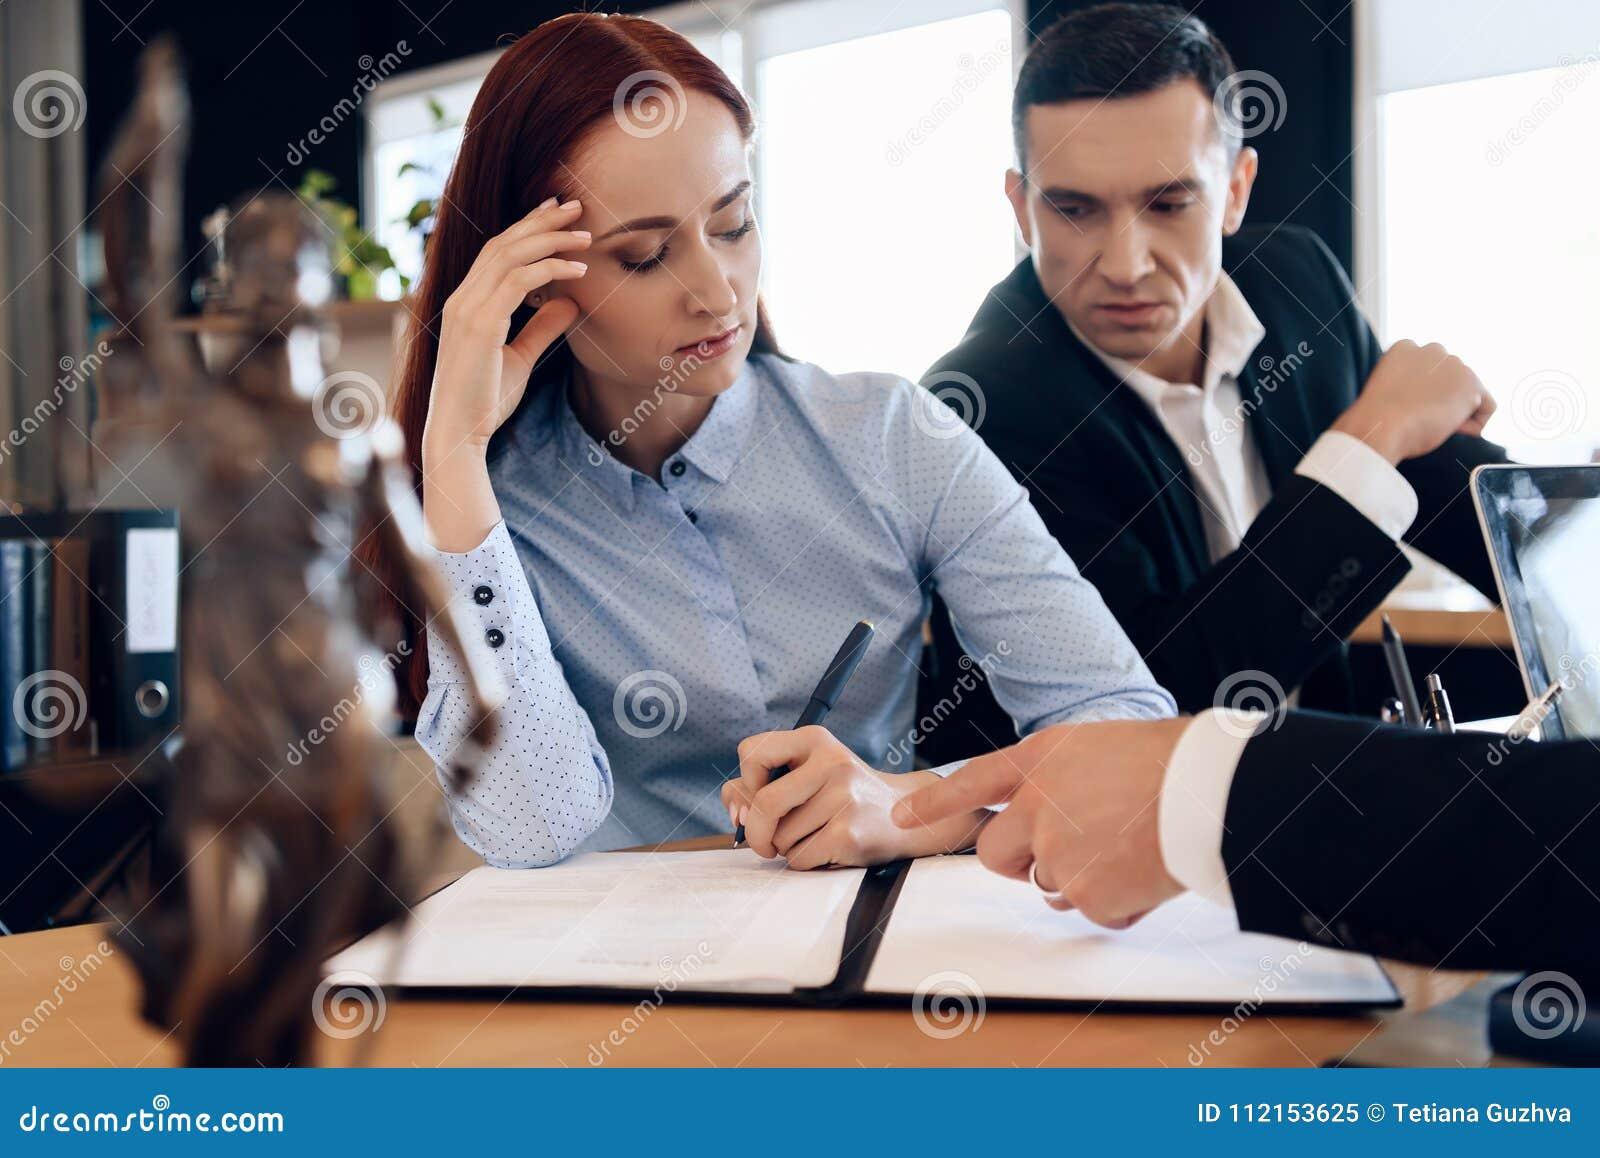 Ζεύγος που περνά από το διαζύγιο που υπογράφει τα έγγραφα Ο ενήλικοι σύζυγος και η σύζυγος υπογράφουν την τακτοποίηση διαζυγίου